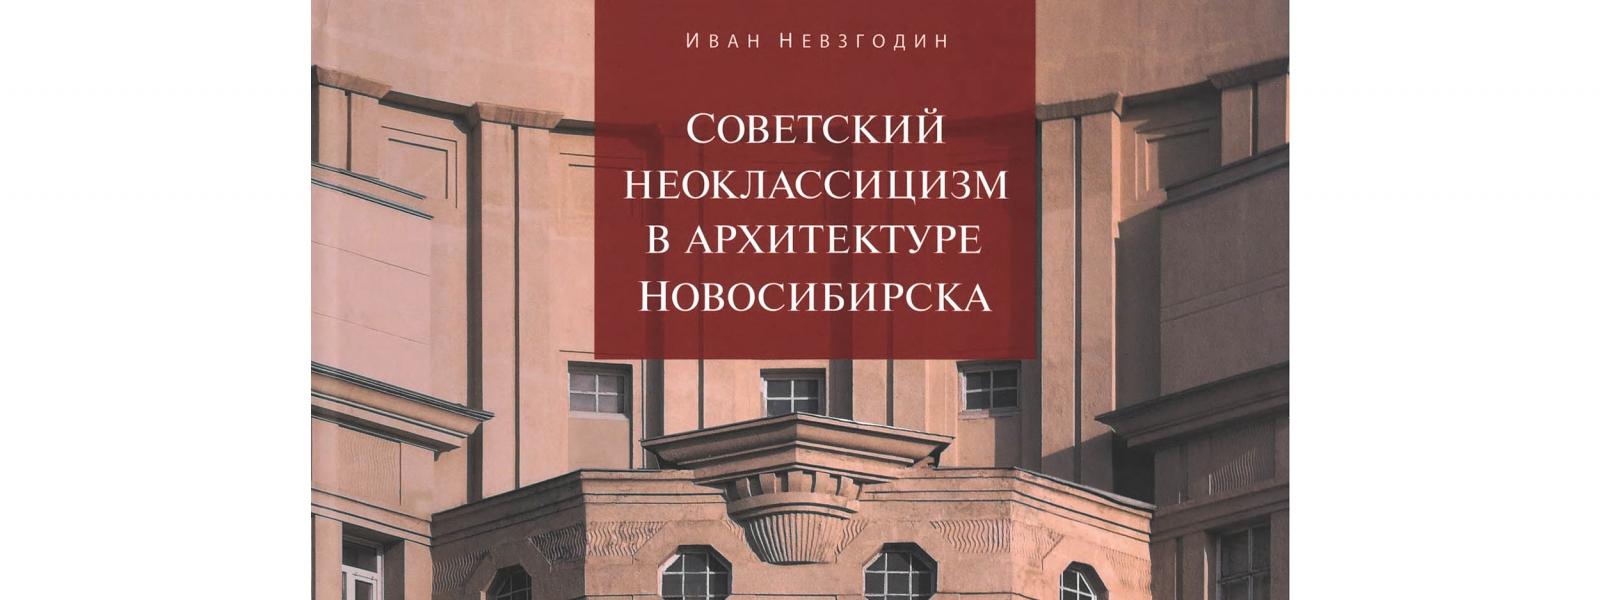 work-Монография «Советский неоклассицизм в архитектуре Новосибирска»